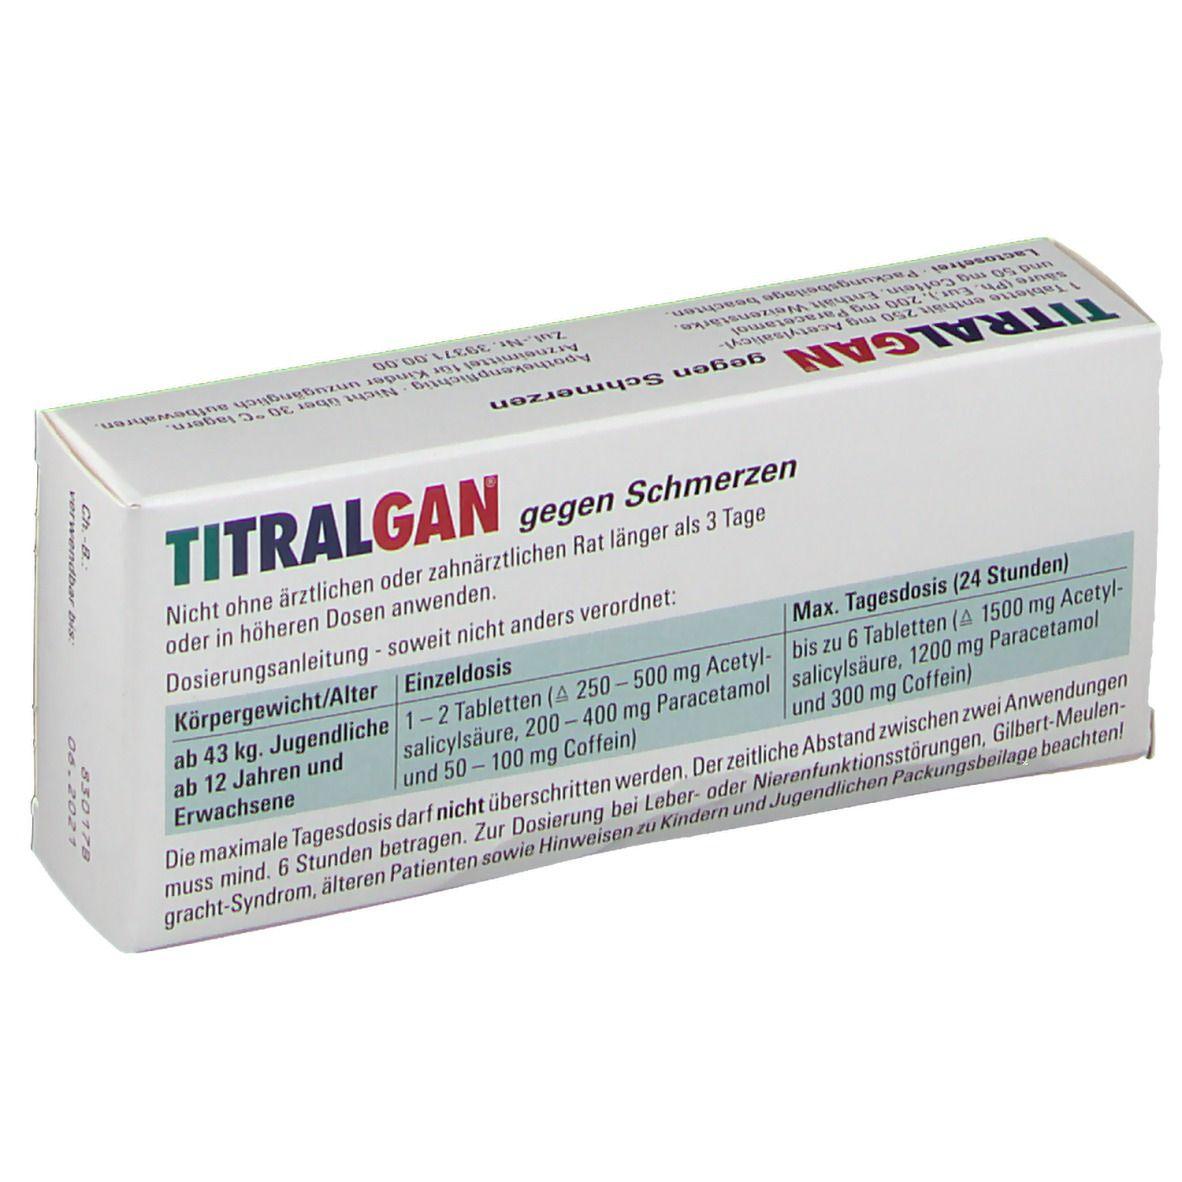 TITRALGAN® gegen Schmerzen